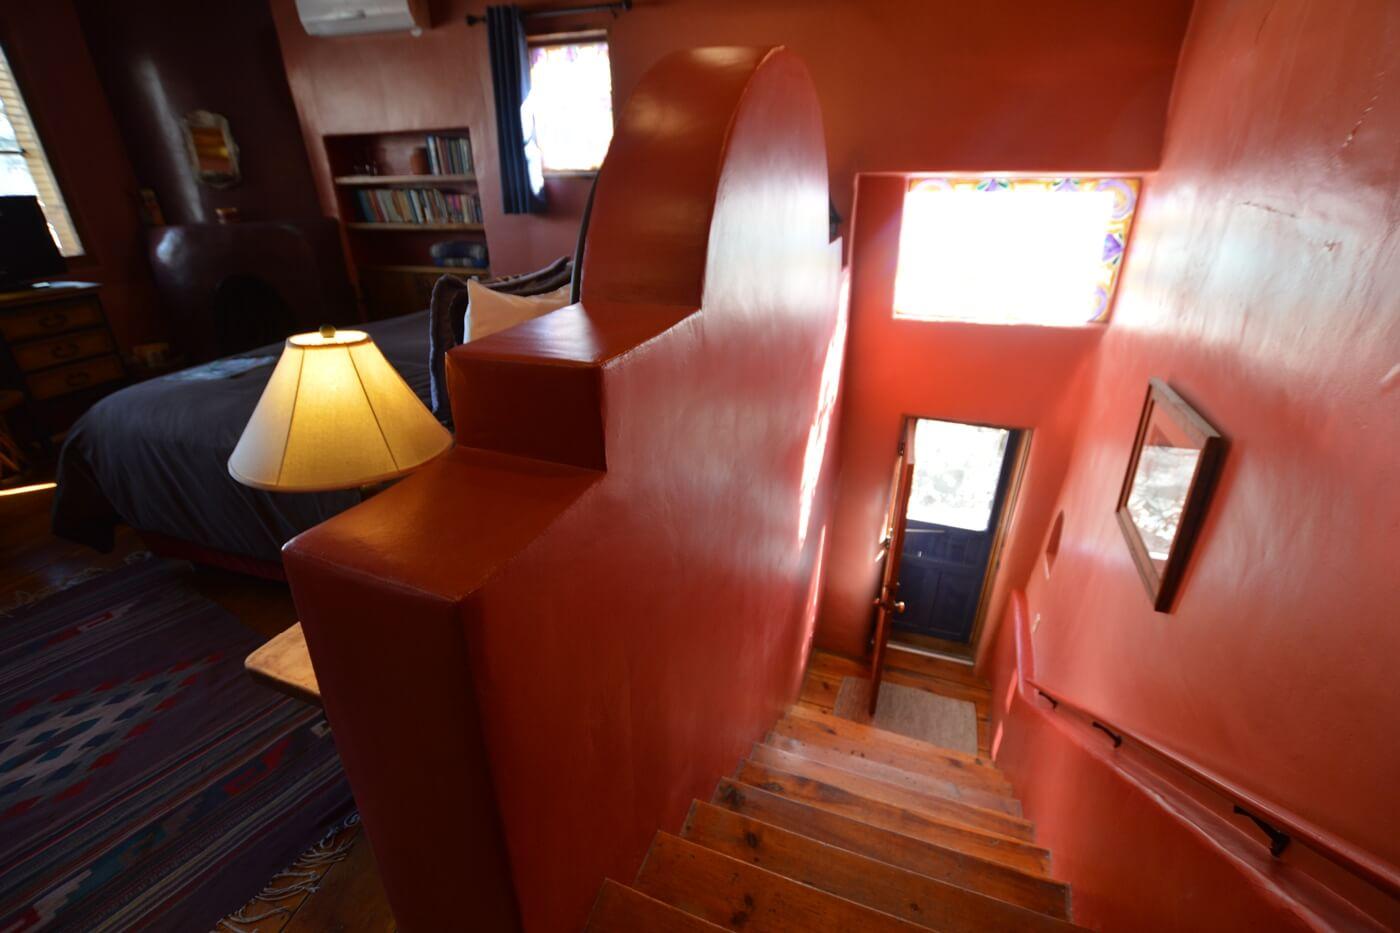 Stairway to Puerta Violeta